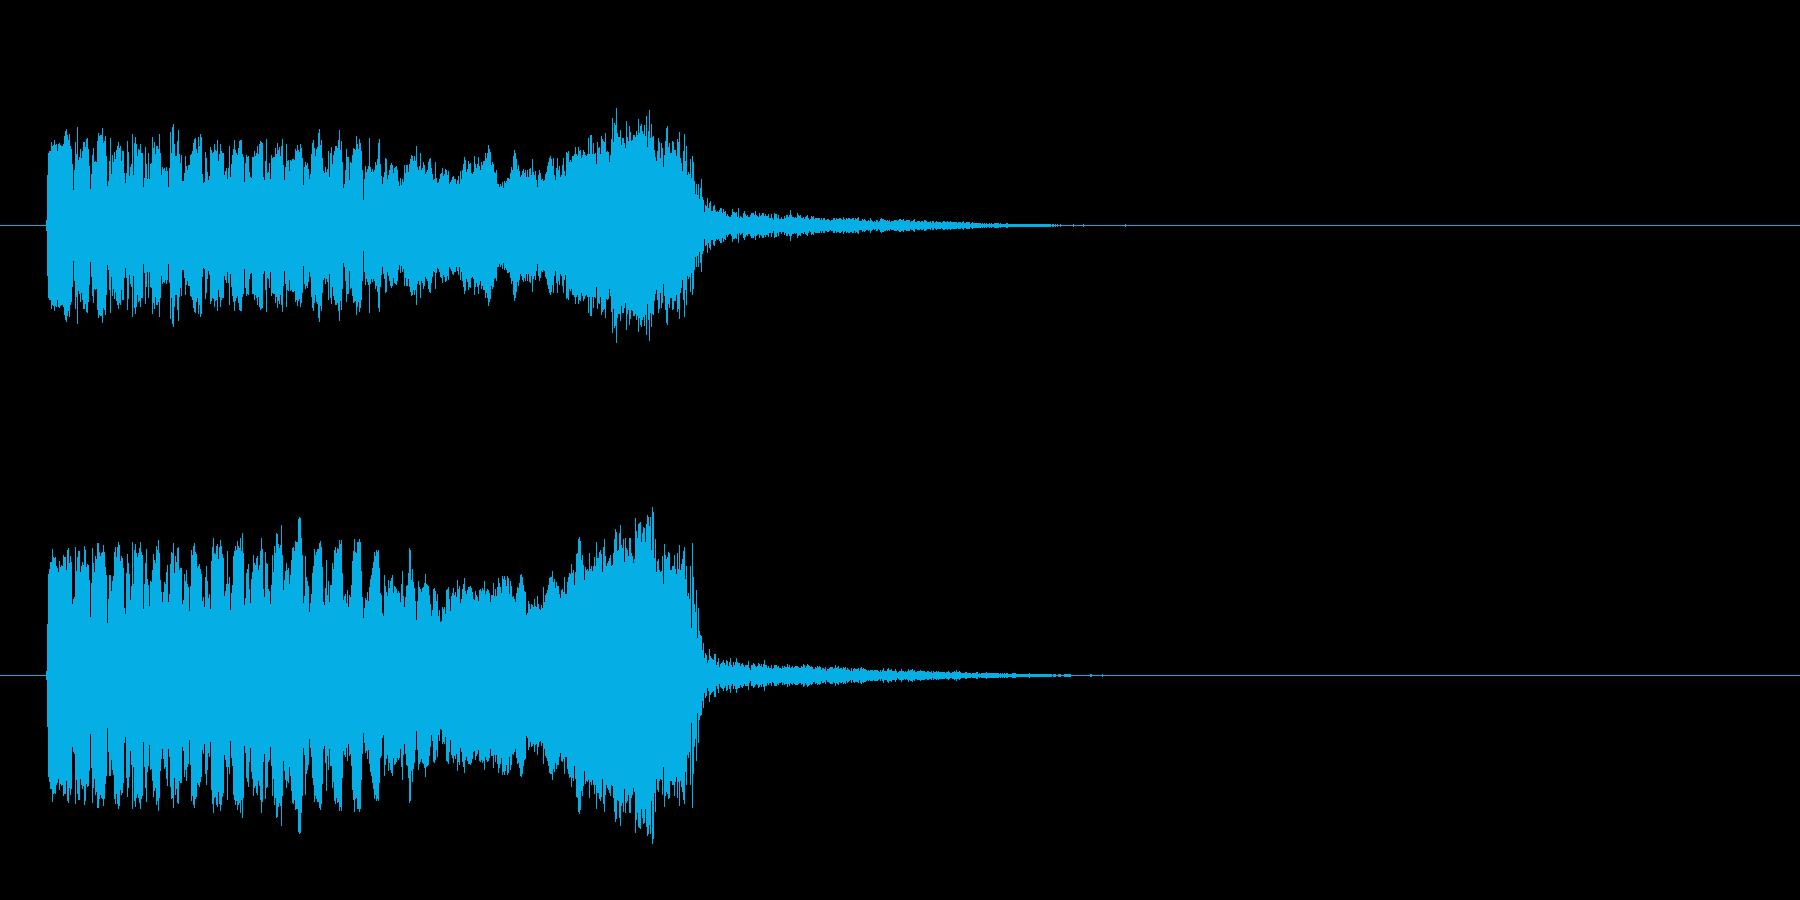 「プ〜ゥッ!」おもちゃの鳥の鳴き声の擬音の再生済みの波形